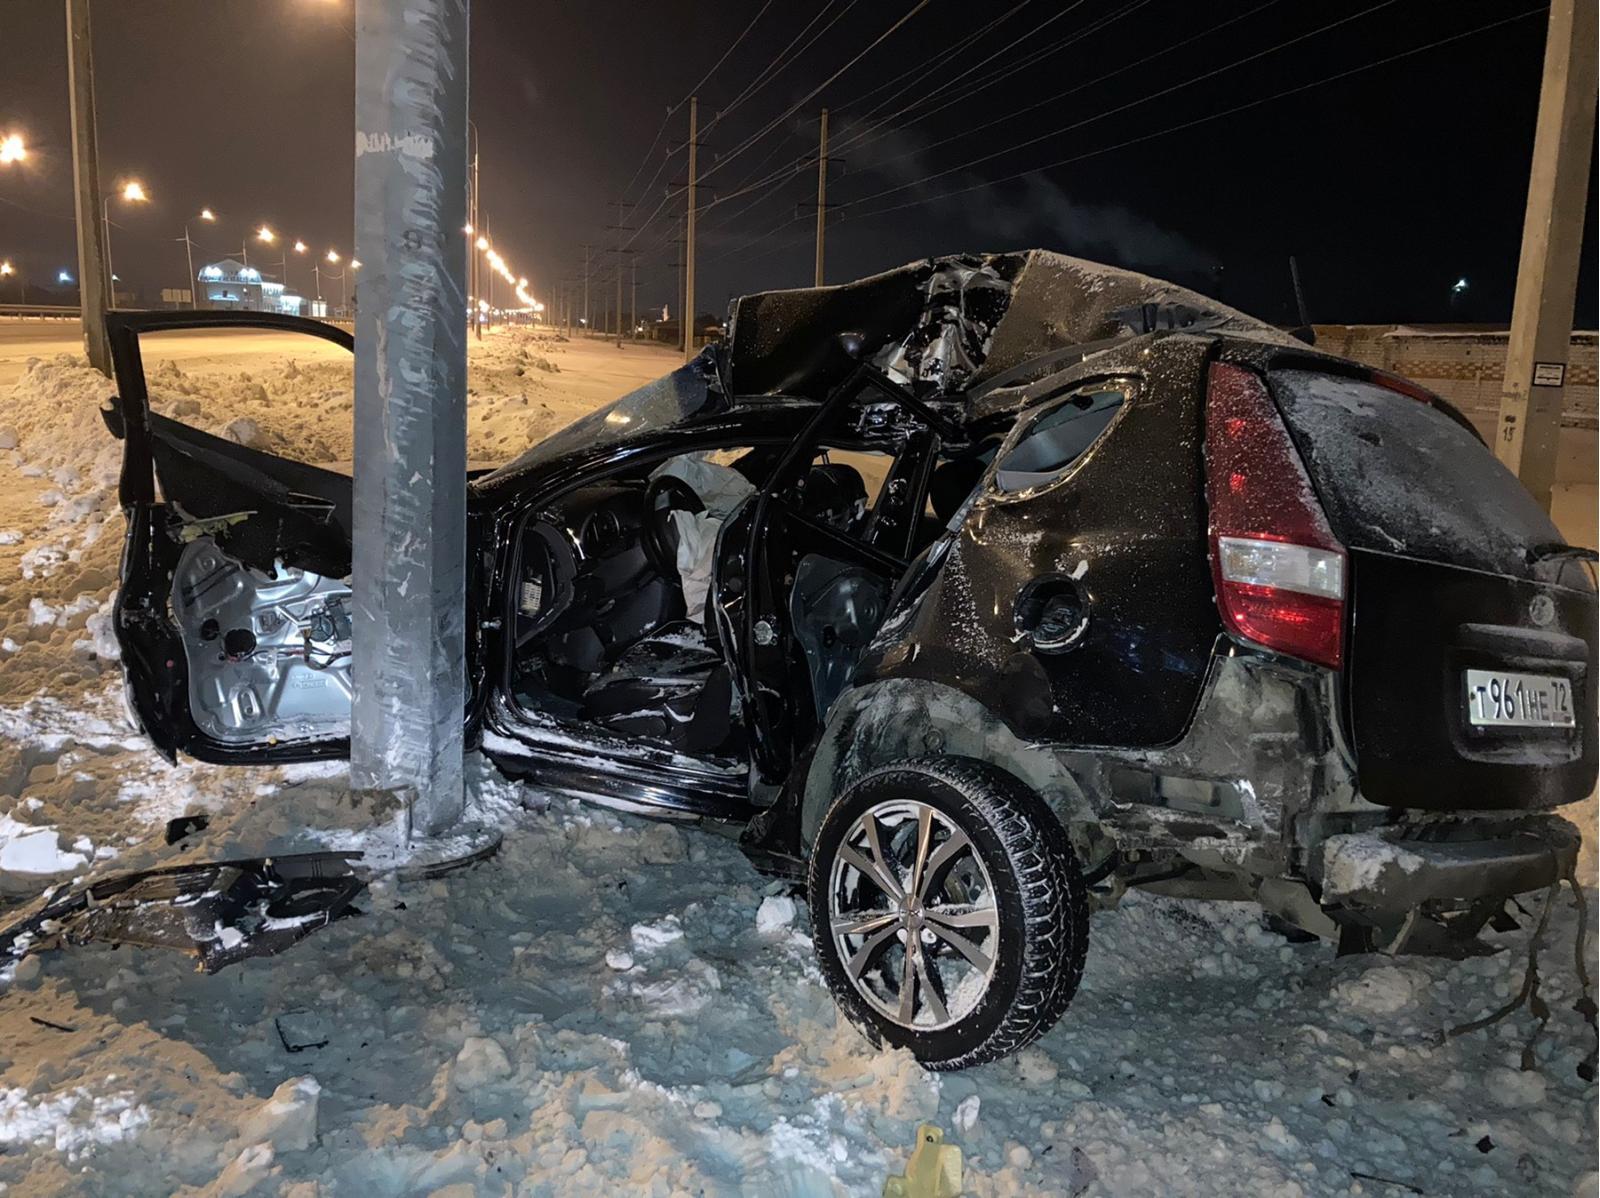 Машина после столкновения превратилась в груду металла